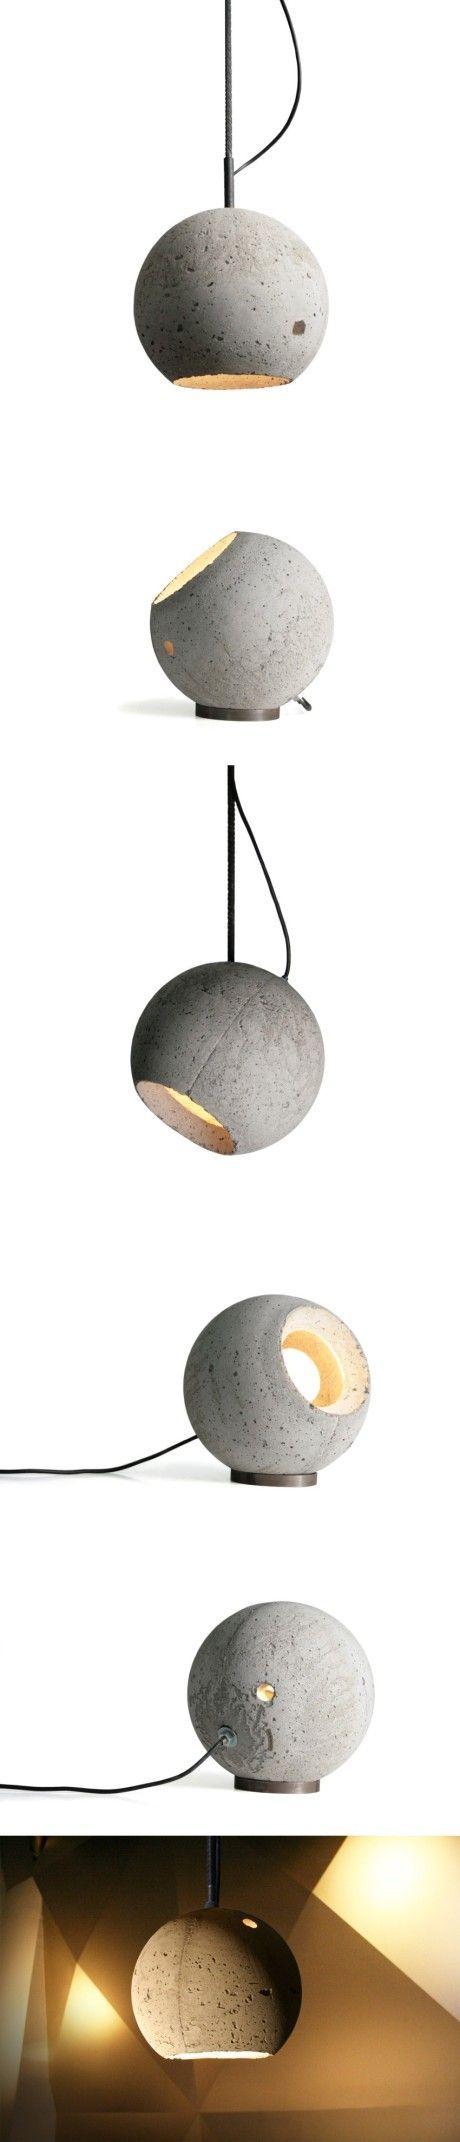 Cement droplight imwm.org/…